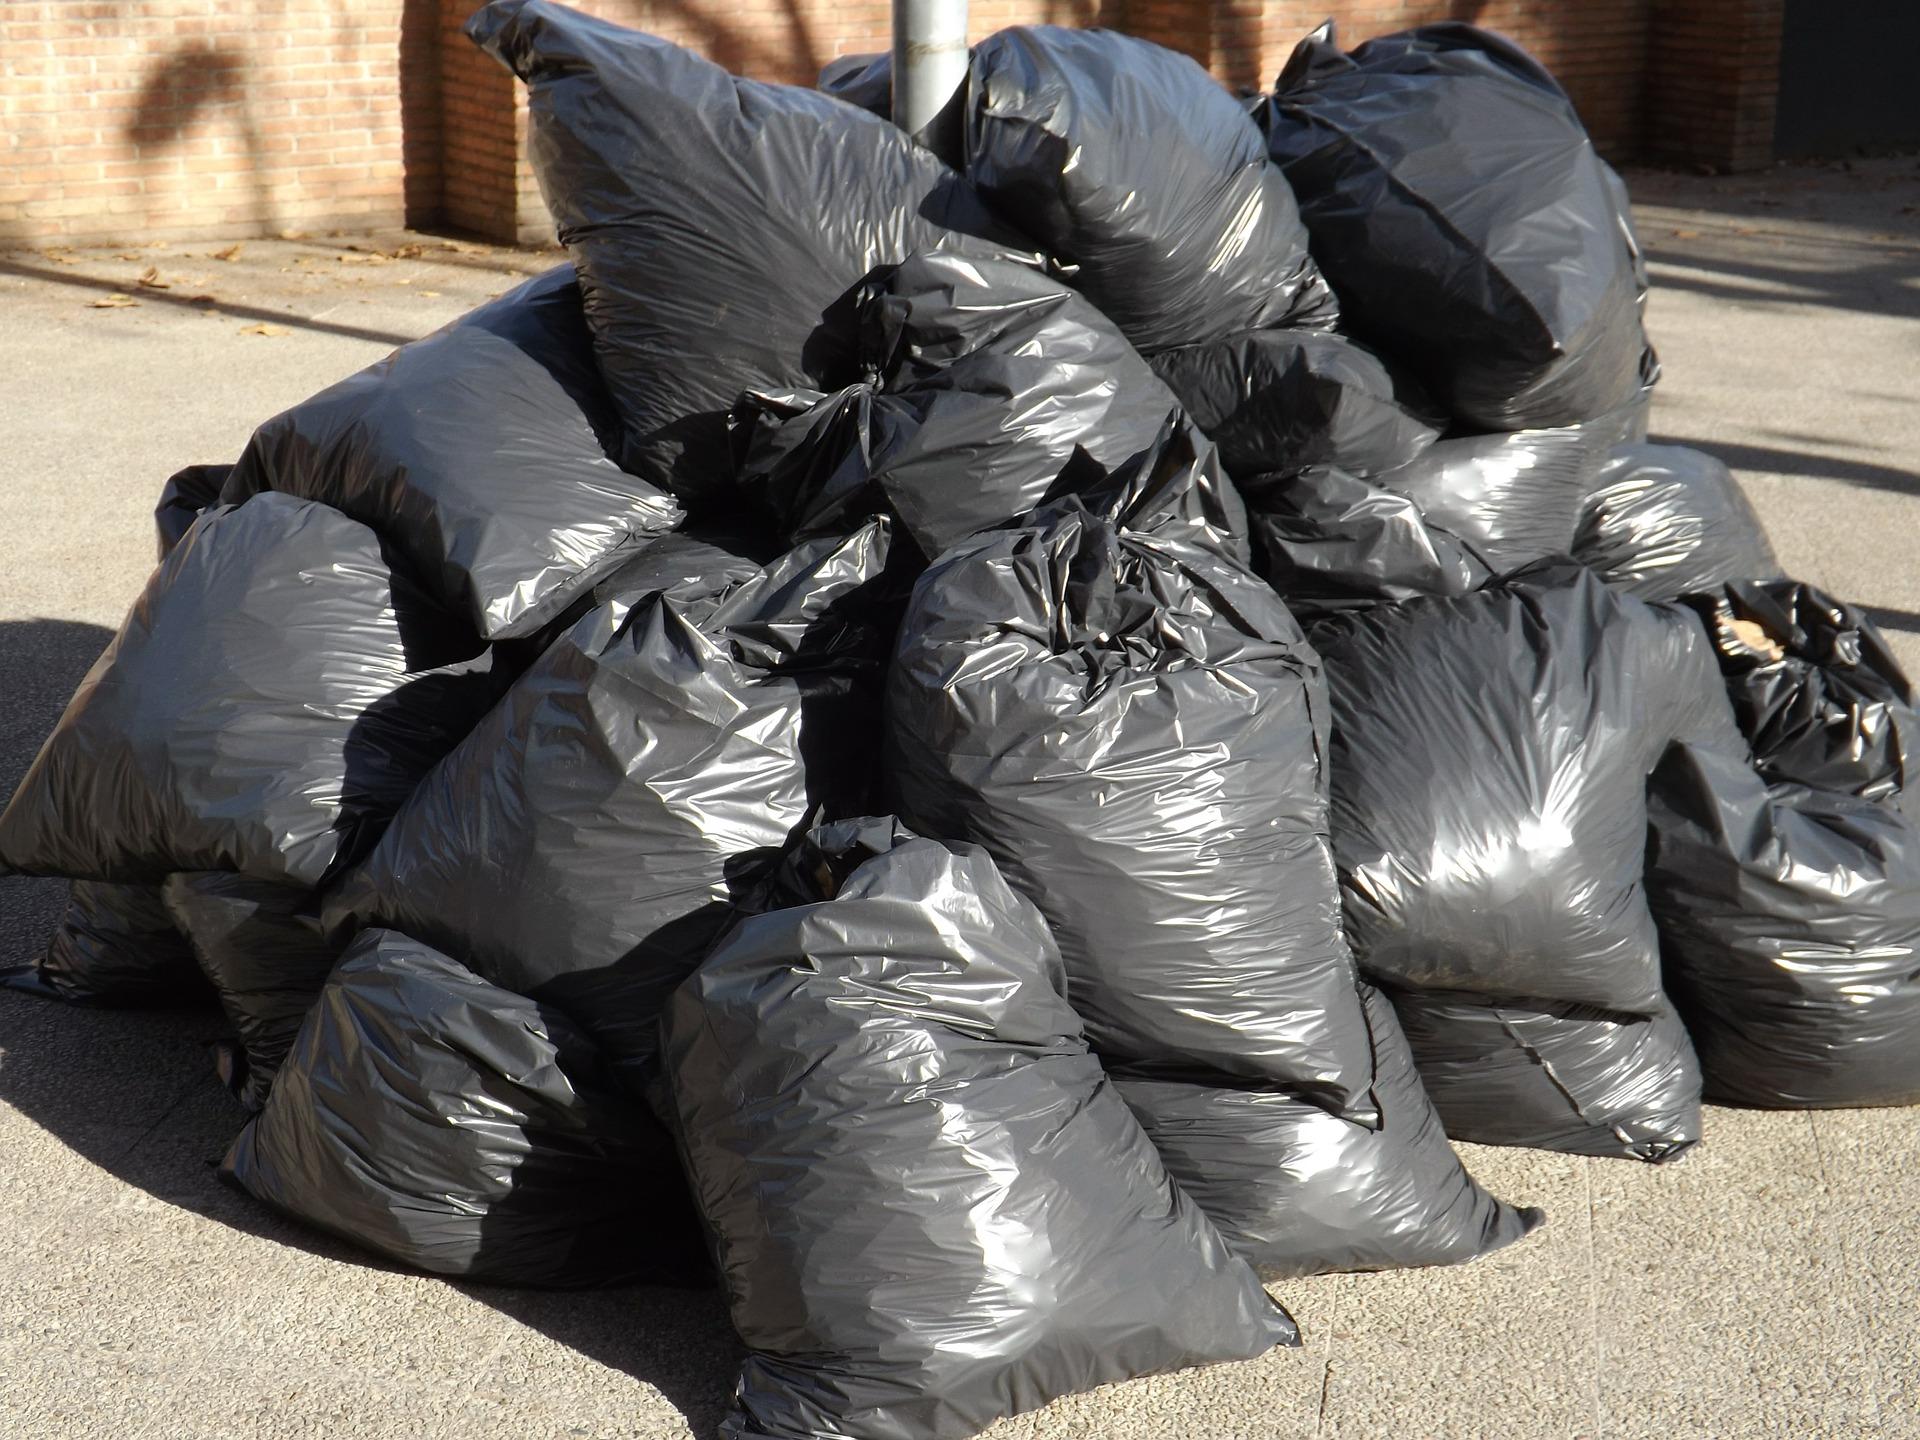 Stawki za śmieci zatwierdzone. Niższe niż planowano  - Zdjęcie główne